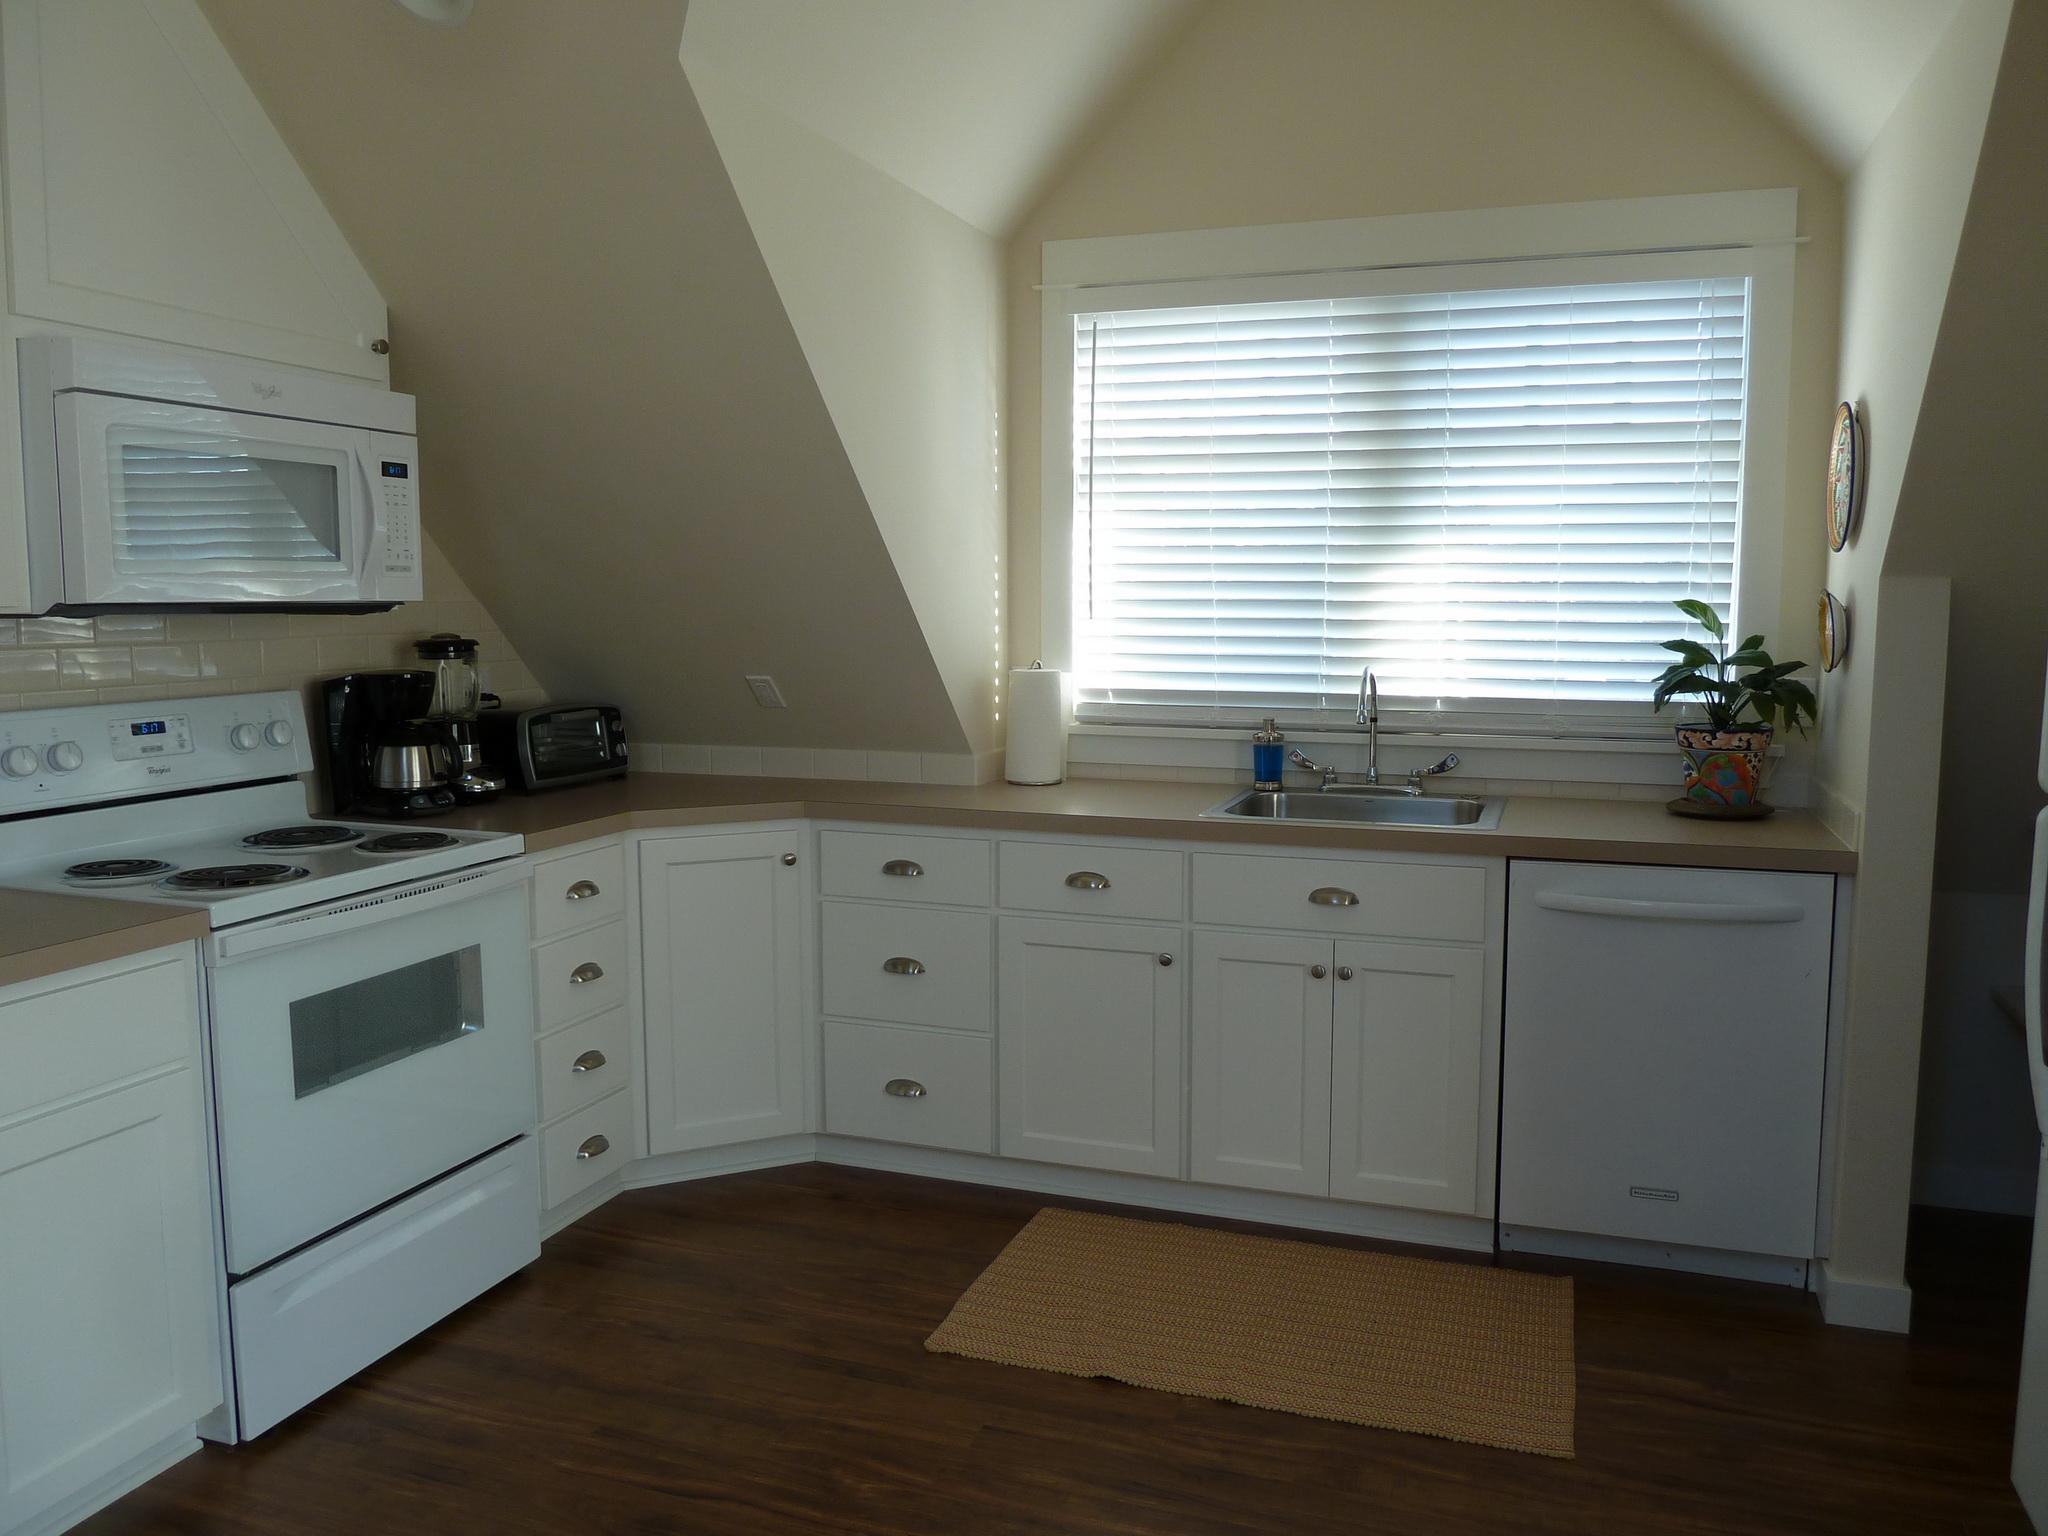 206 NW 8th Street, Corvallis, Oregon-Carriage House Kitchen